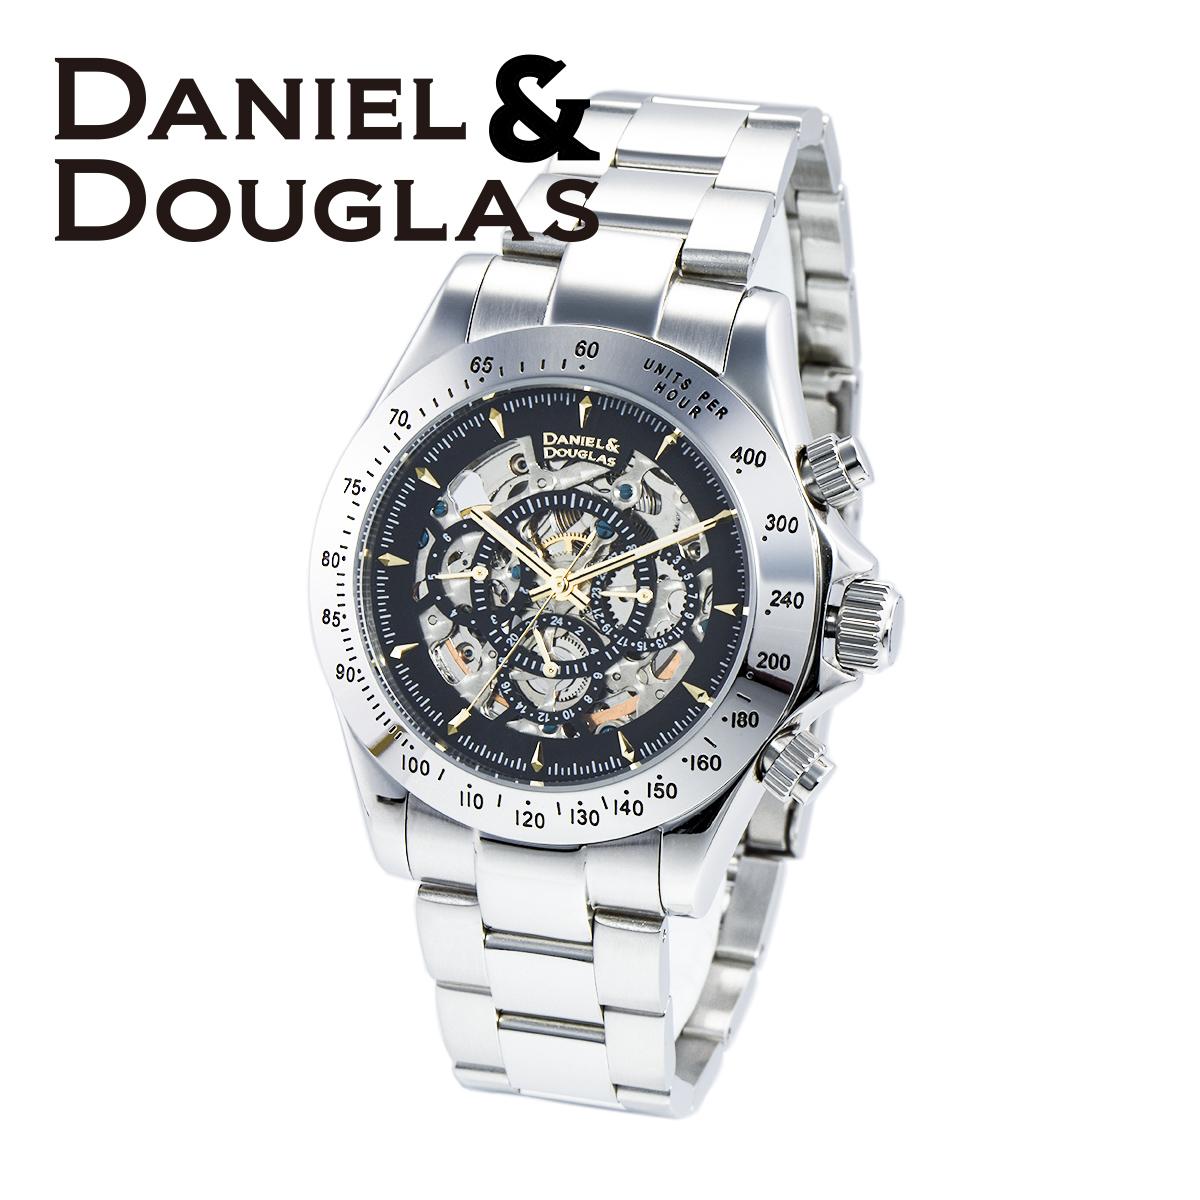 ダニエルダグラス DANIEL&DOUGLAS ダニエル ダグラス DD8802-BKGD メンズ 時計 腕時計 自動巻き オートマチック スケルトン